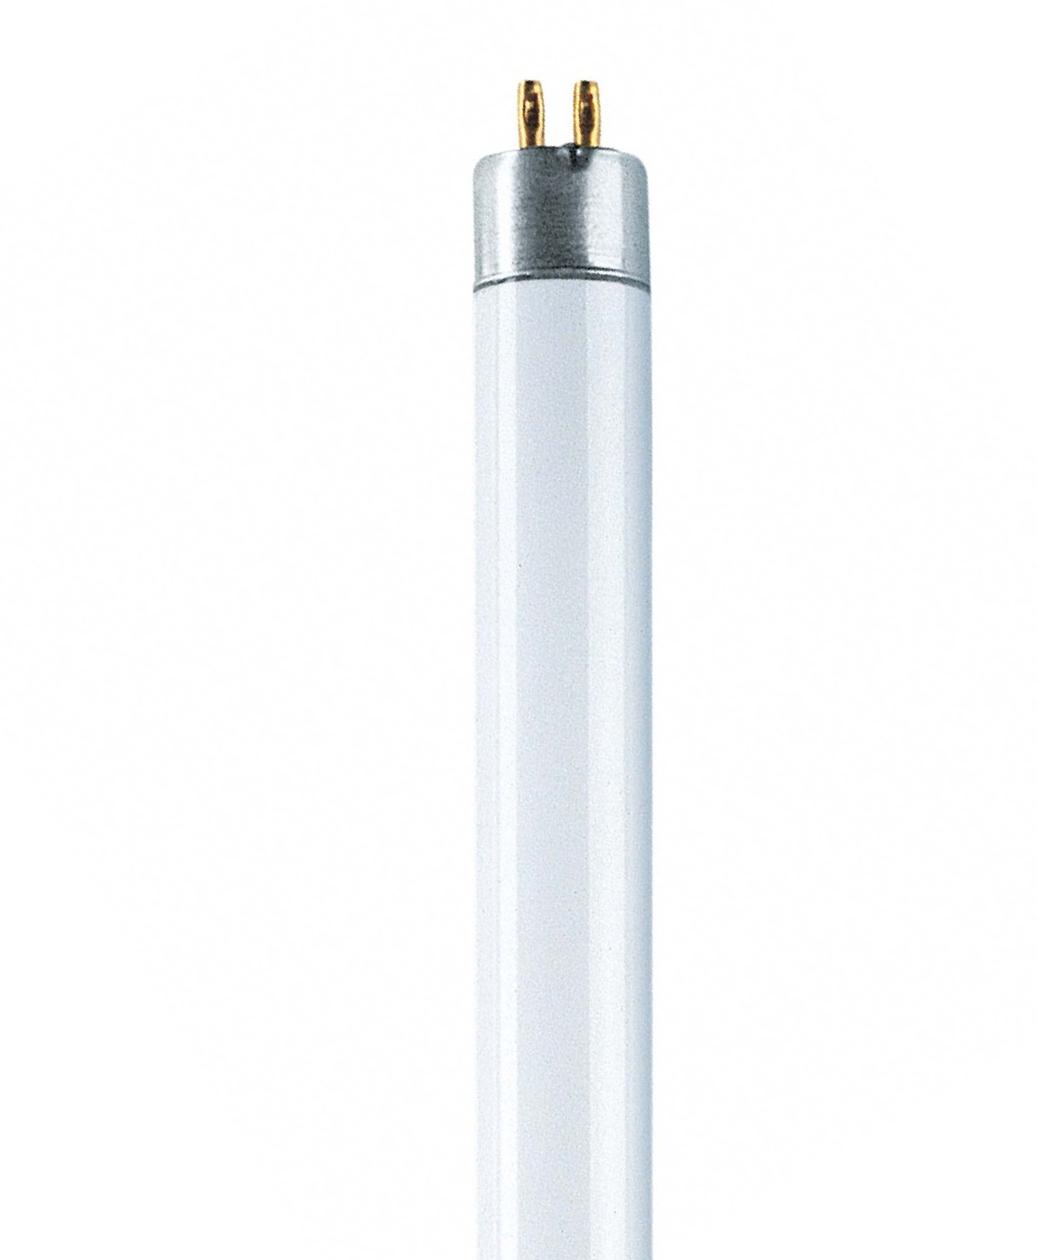 T5 21W/830 G5 FLH1, Warmweiß, Leuchtstofflampe